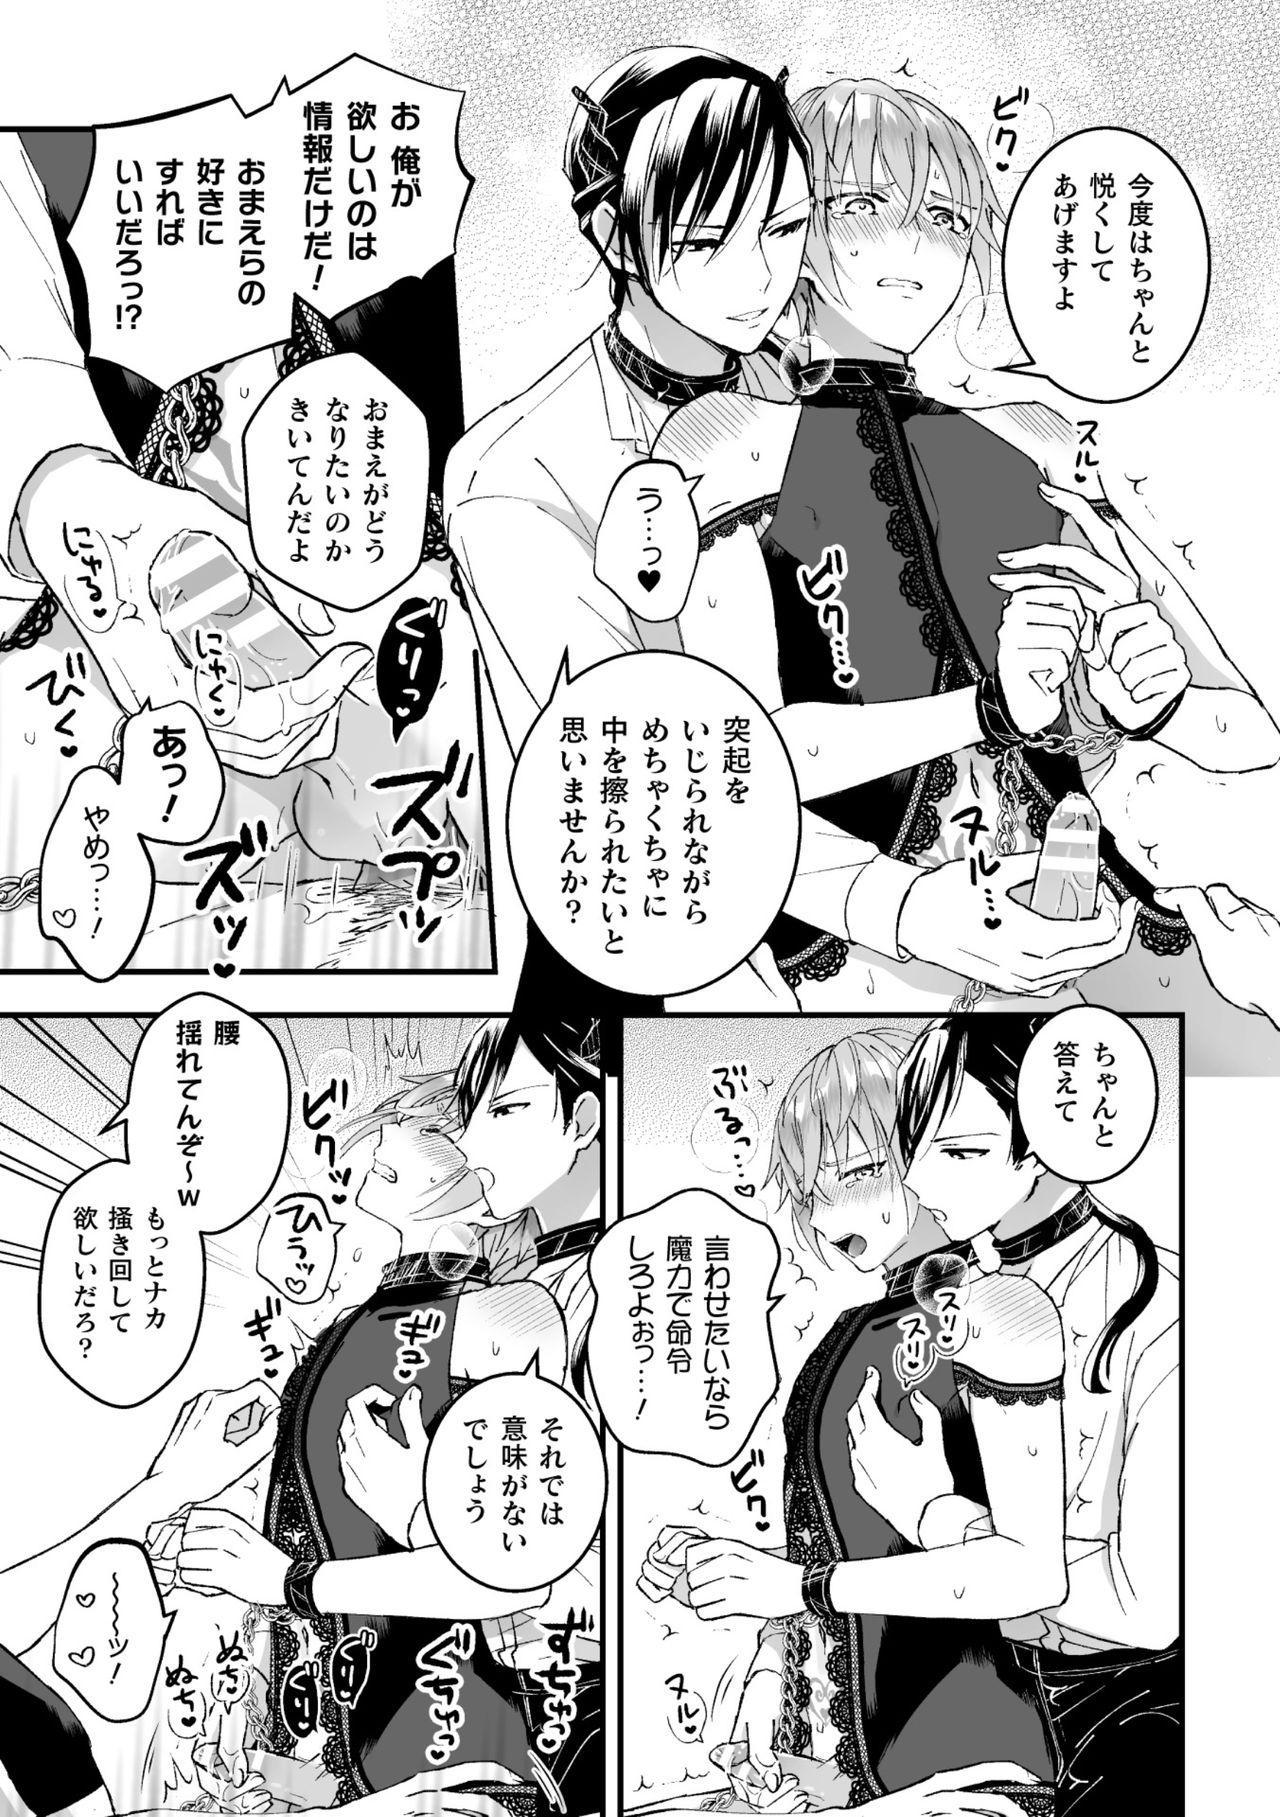 """Otoko Kishi ga """"Ku, Korose!"""" tte Iu kara Mesu Choukyou Shitemita Ch. 3 14"""